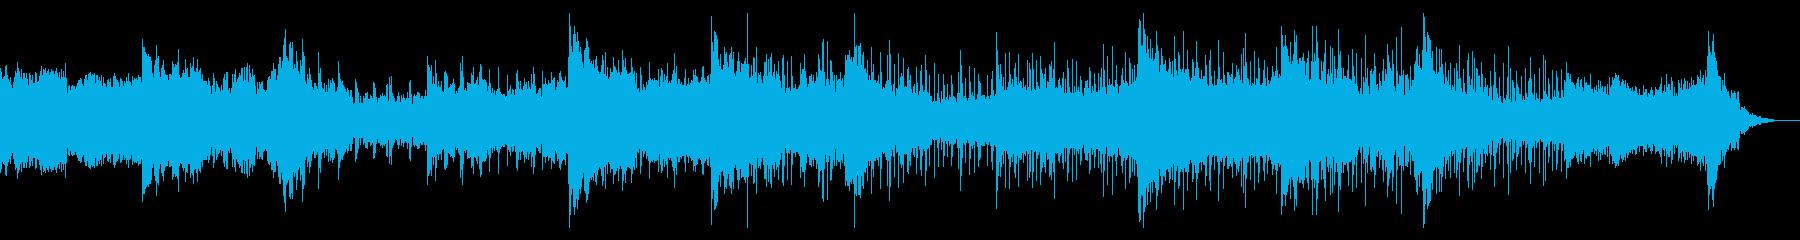 シネマティックなテクスチャドローンの再生済みの波形